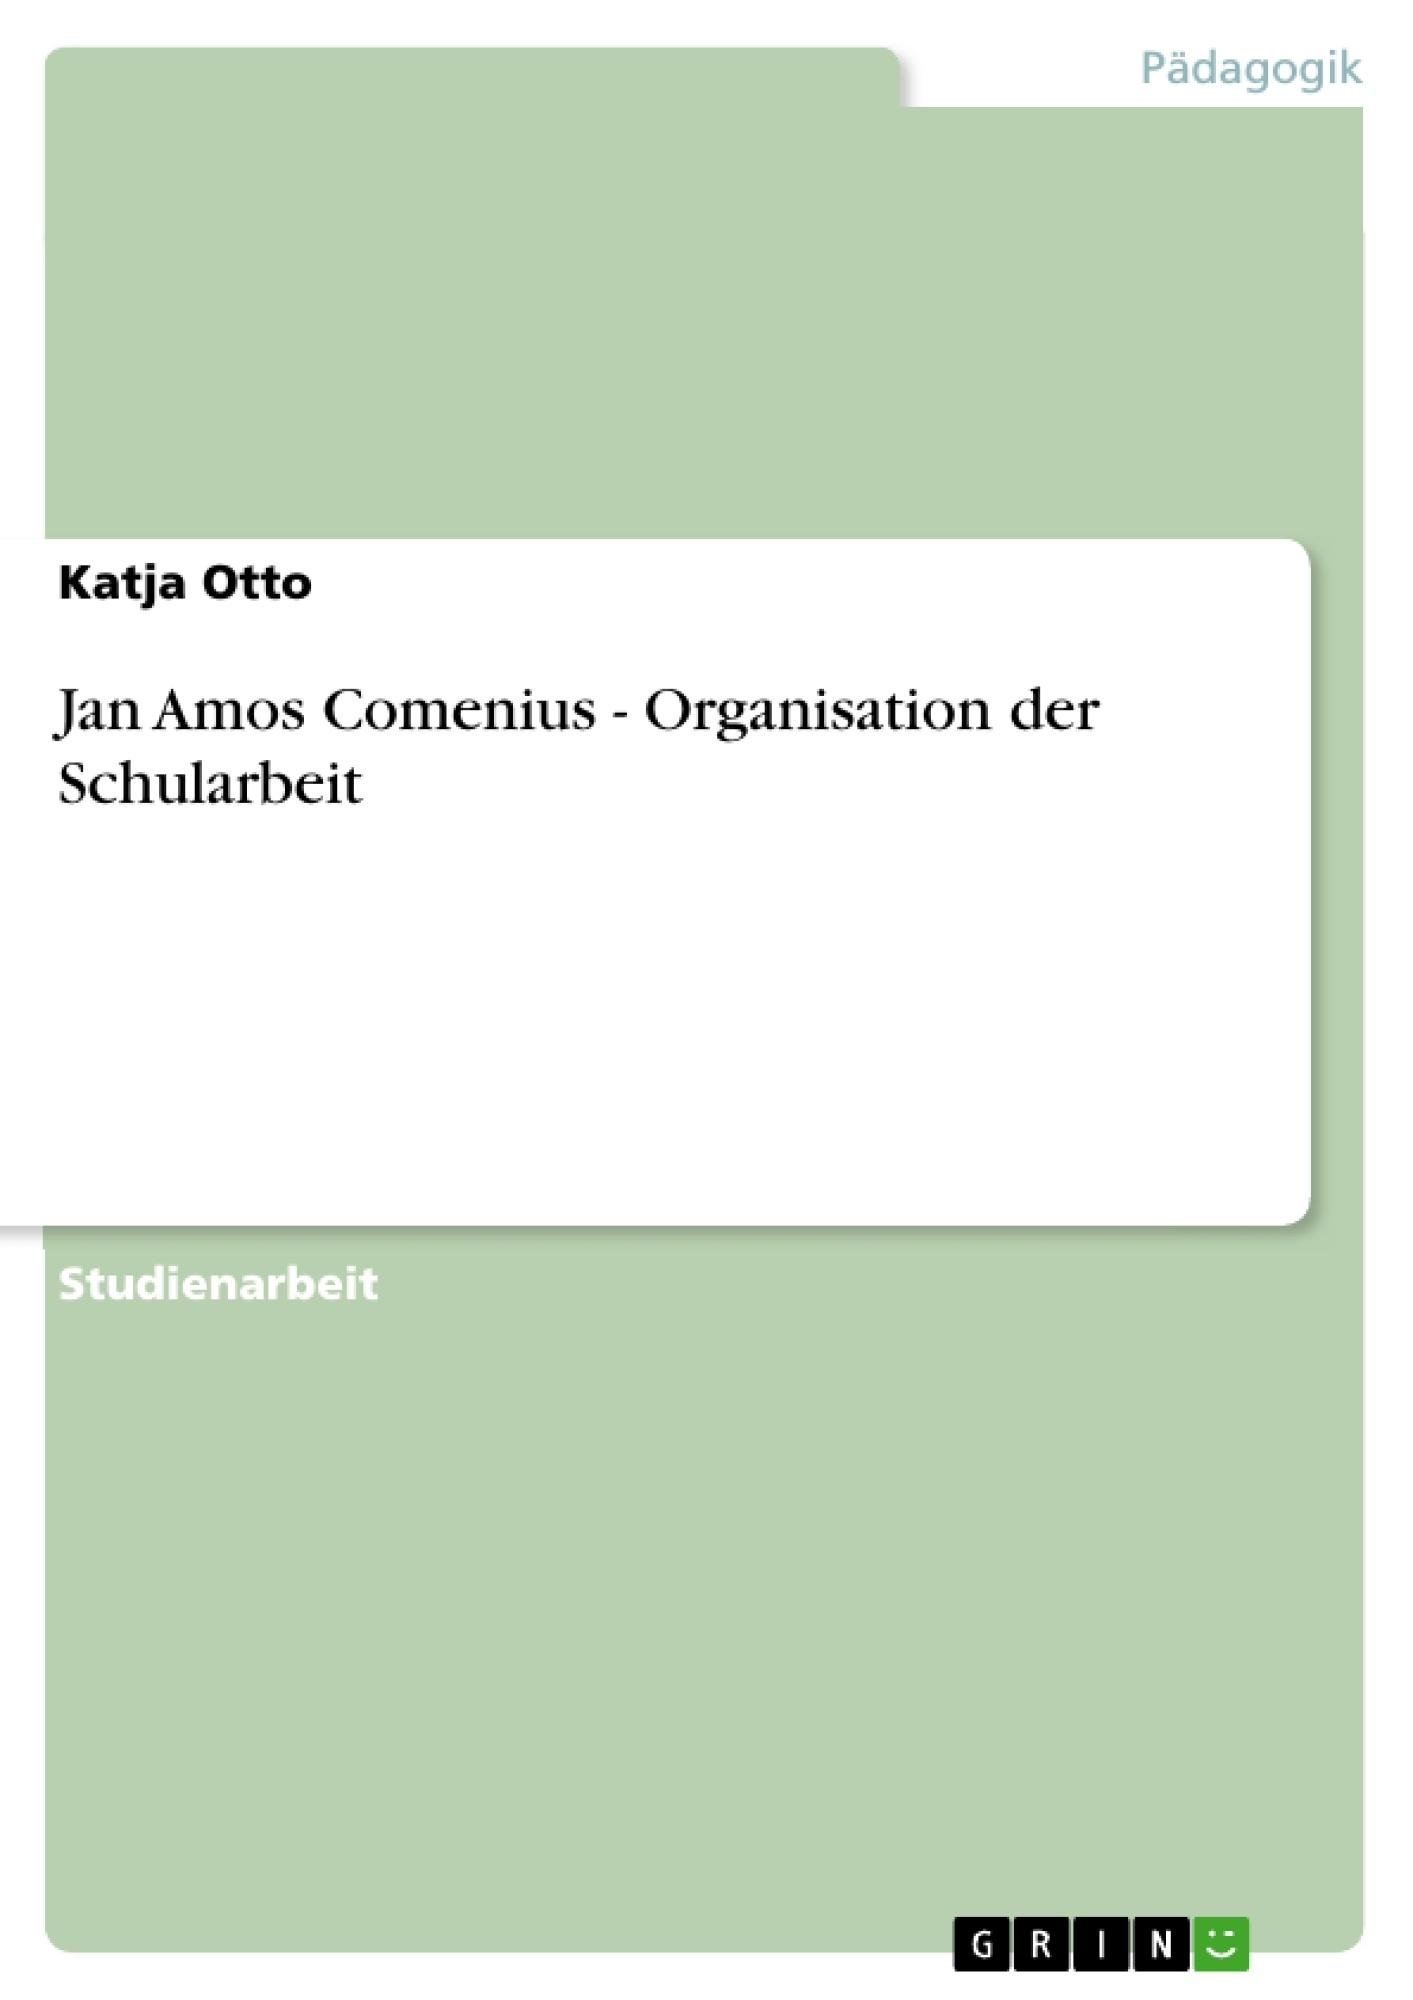 Titel: Jan Amos Comenius - Organisation der Schularbeit